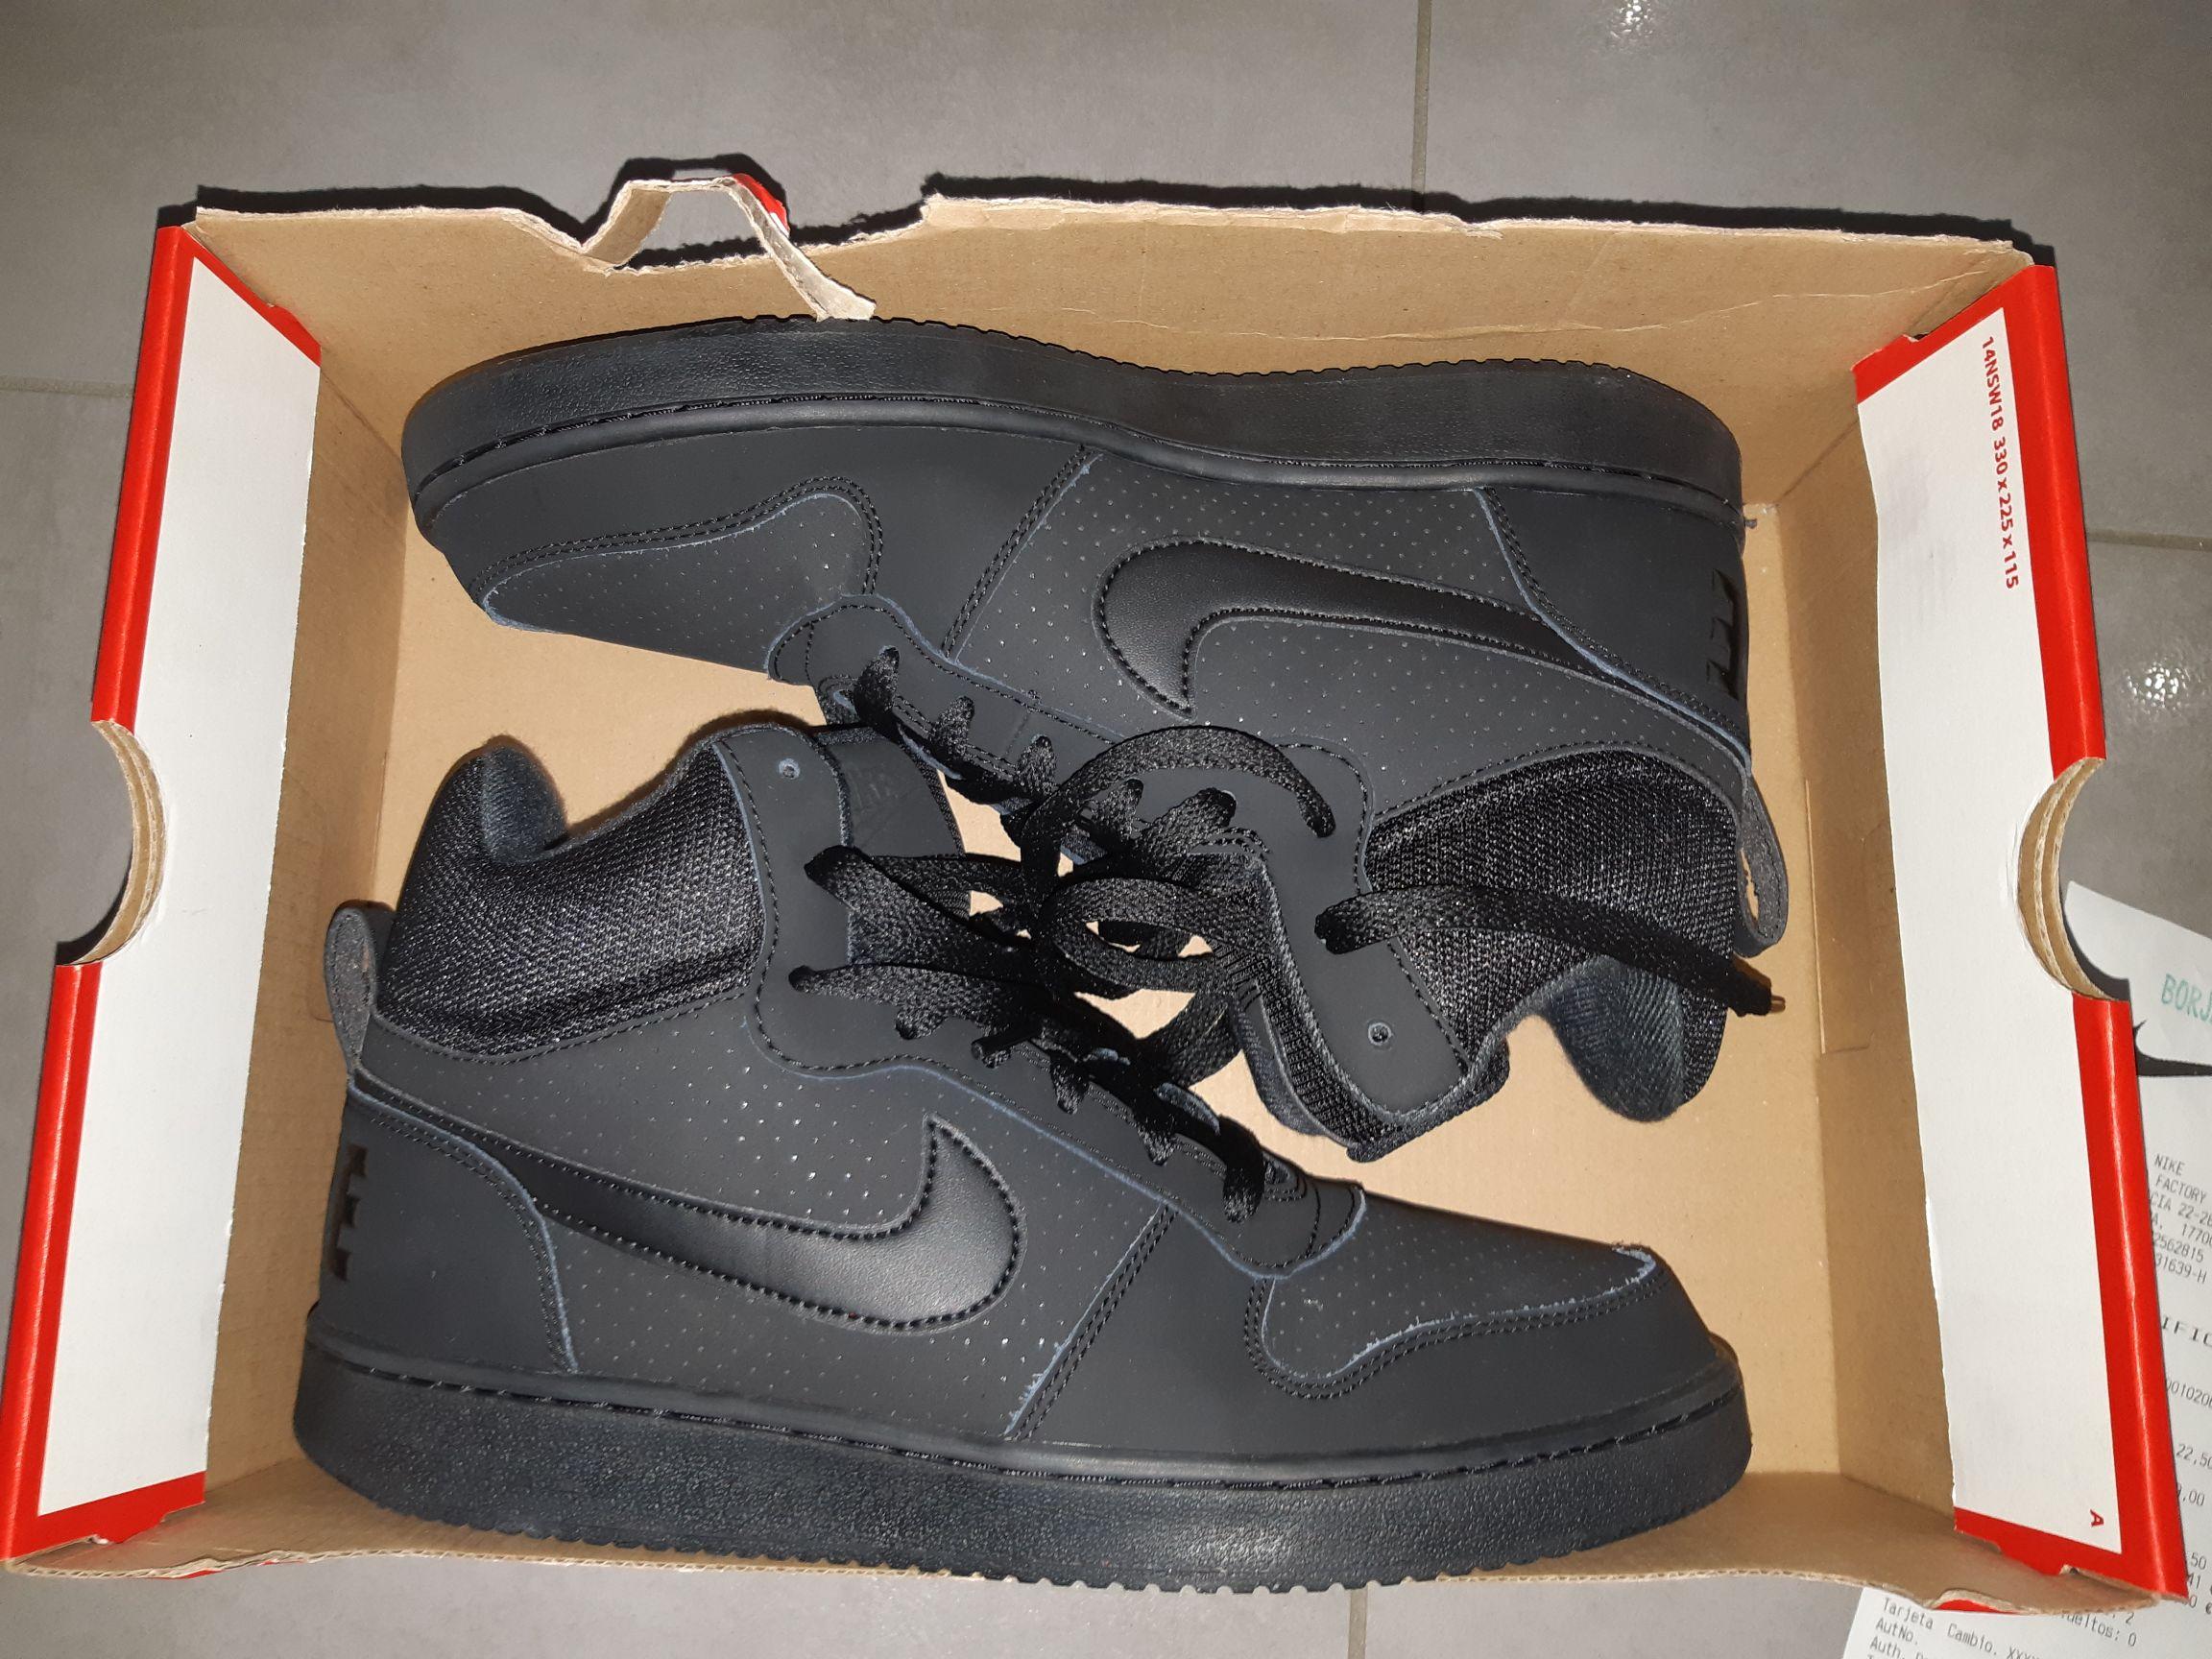 comprender archivo curso  Paire de Chaussures Nike Court Borough - Nike Factory Store La ...